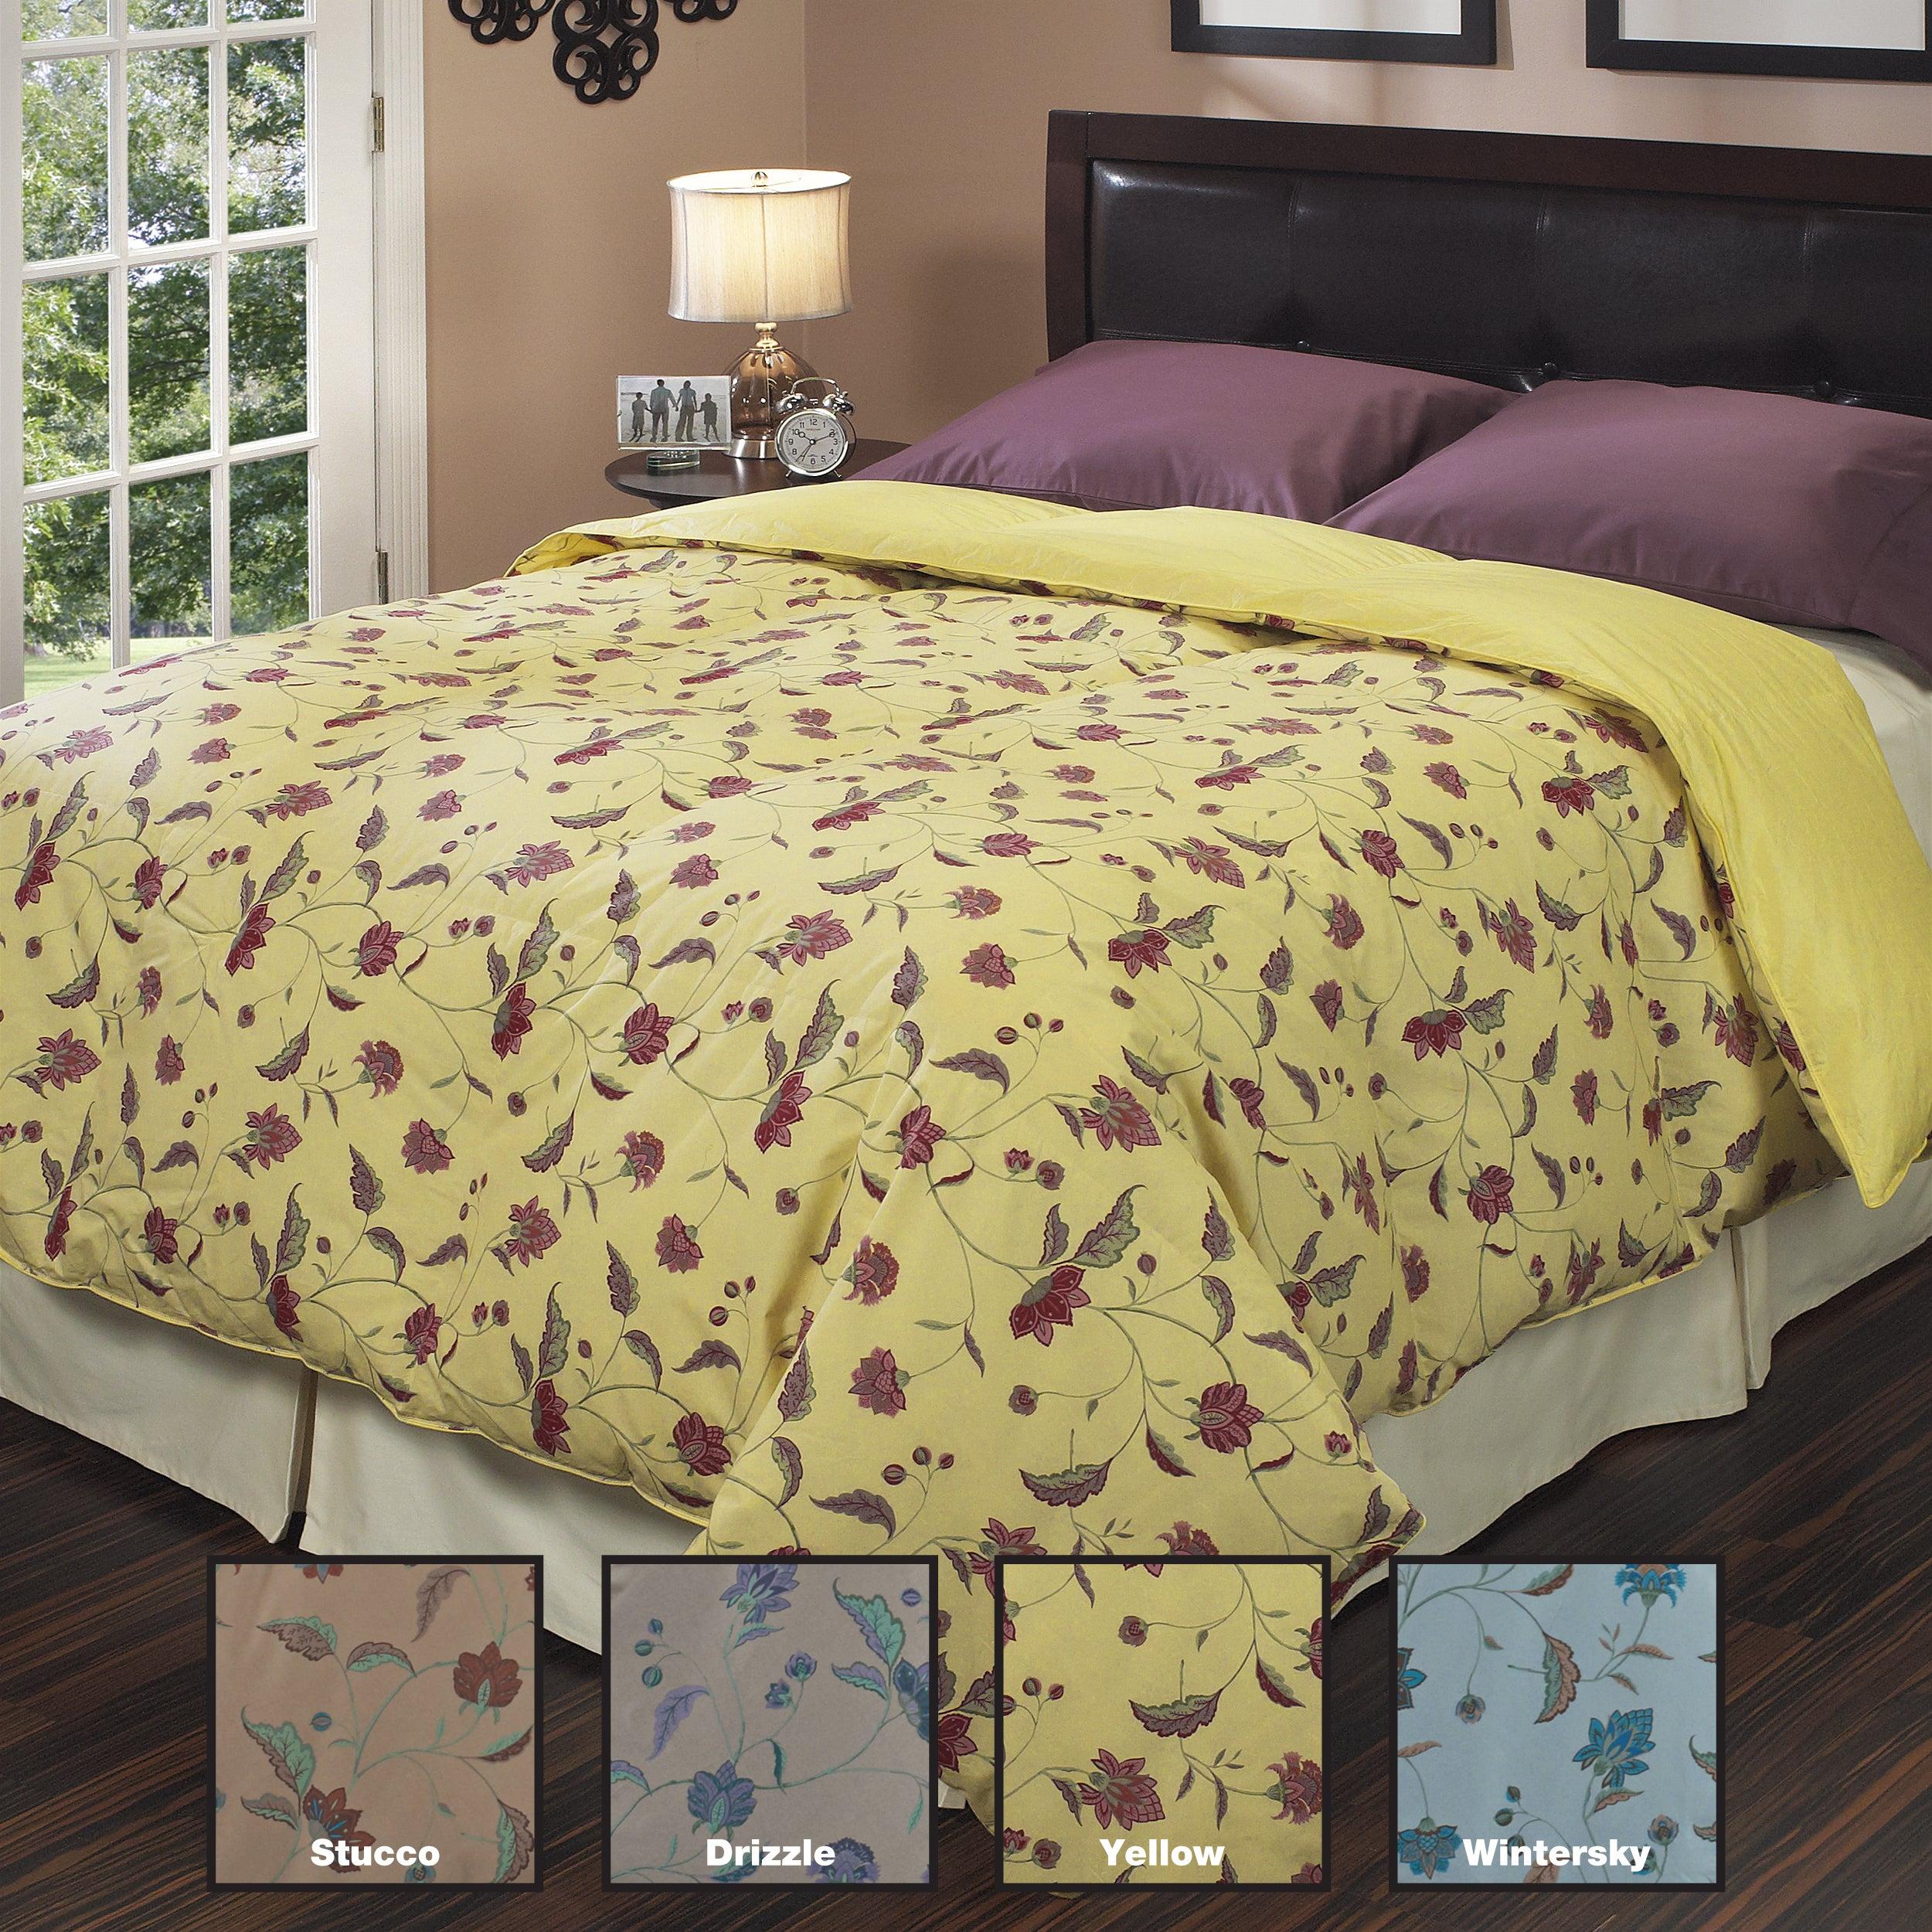 Oversized All Season Down-like DuJour Print Comforter